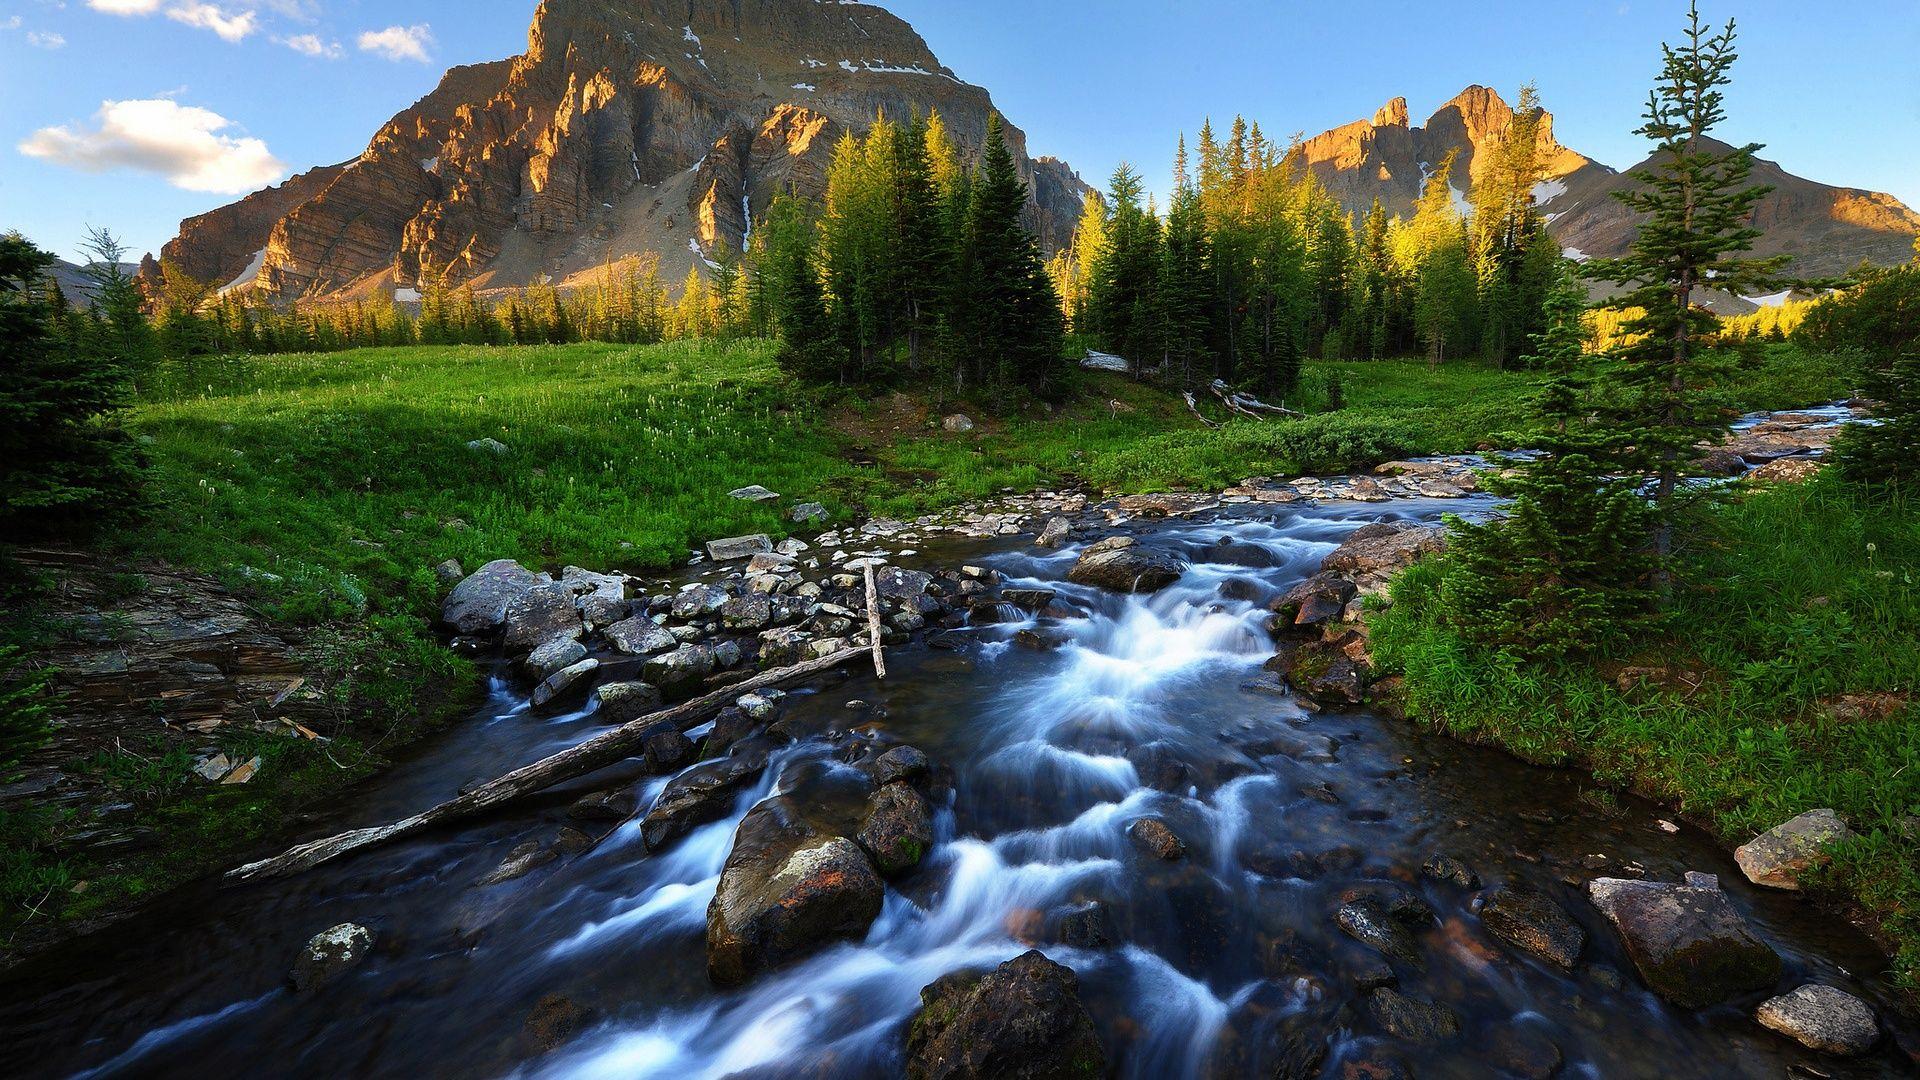 Beautiful Landscape Pictures - Oil Paintings Art Landscape , HD Wallpaper & Backgrounds